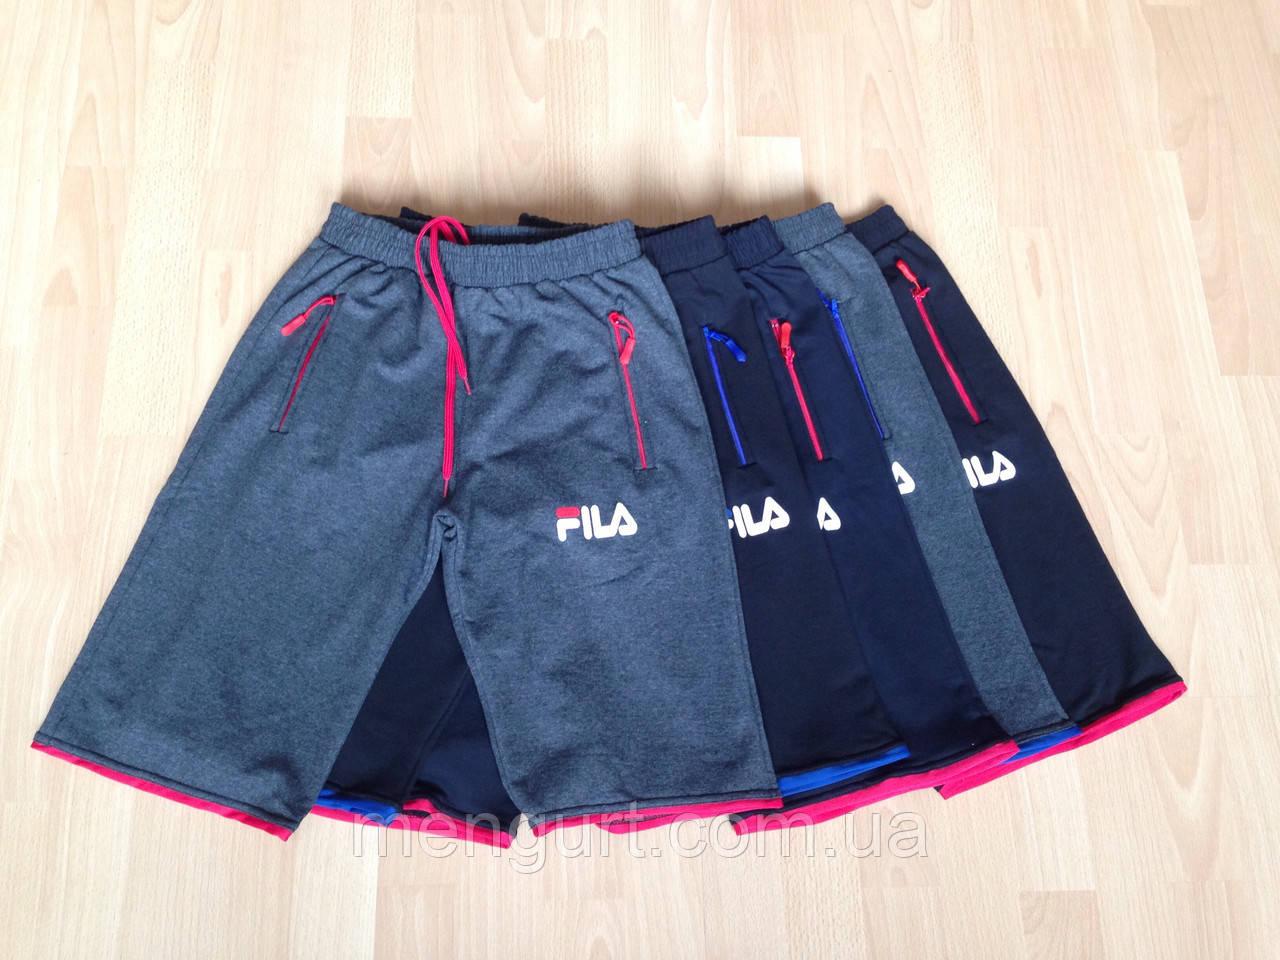 Мужские трикотажные шорты fila reebok adidas Украина